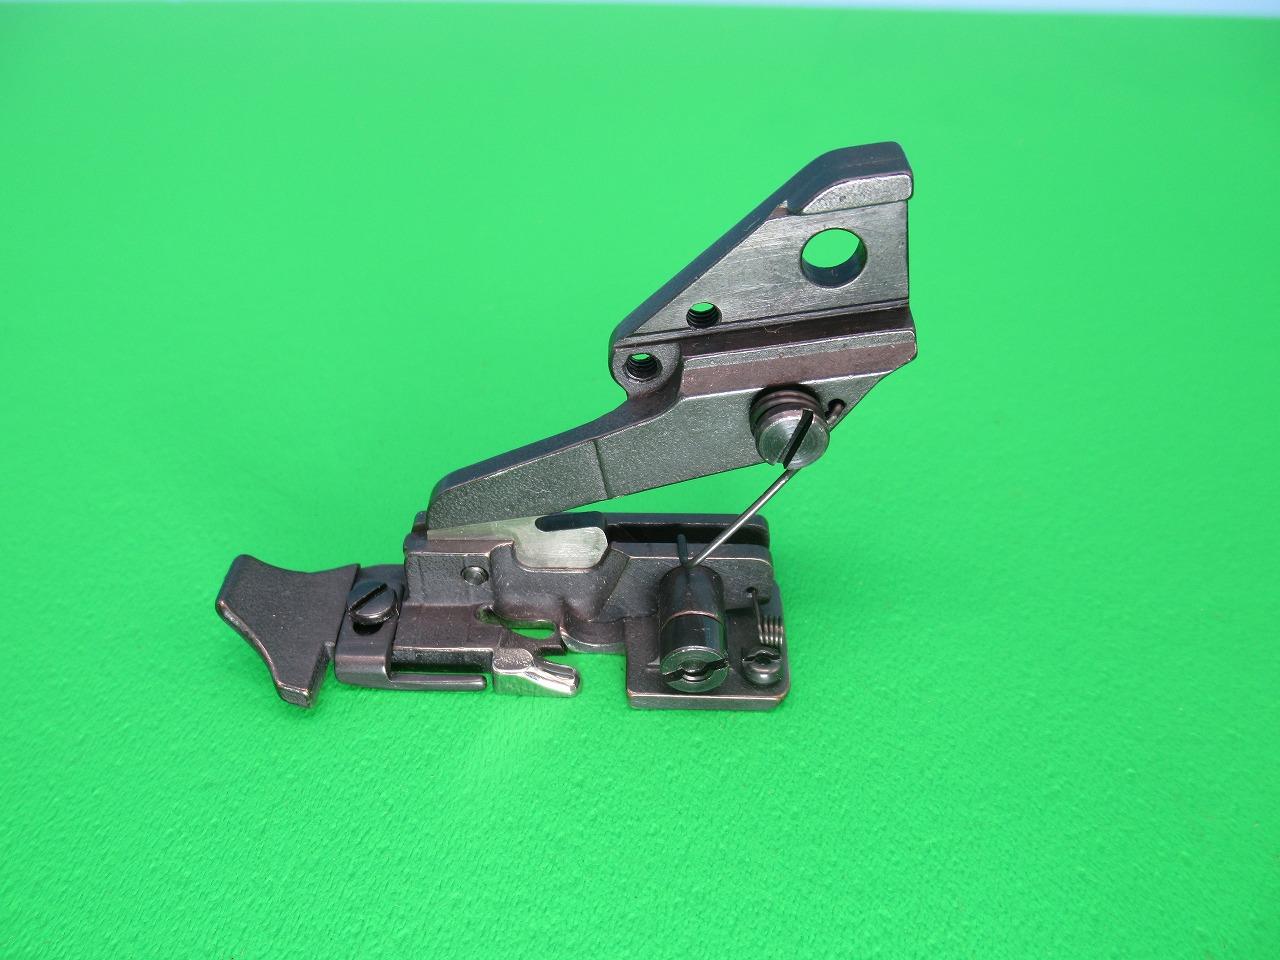 【新品】純正品 日本製 ブラザー B551-063 型用 オサエ  パーツNO:146871-001